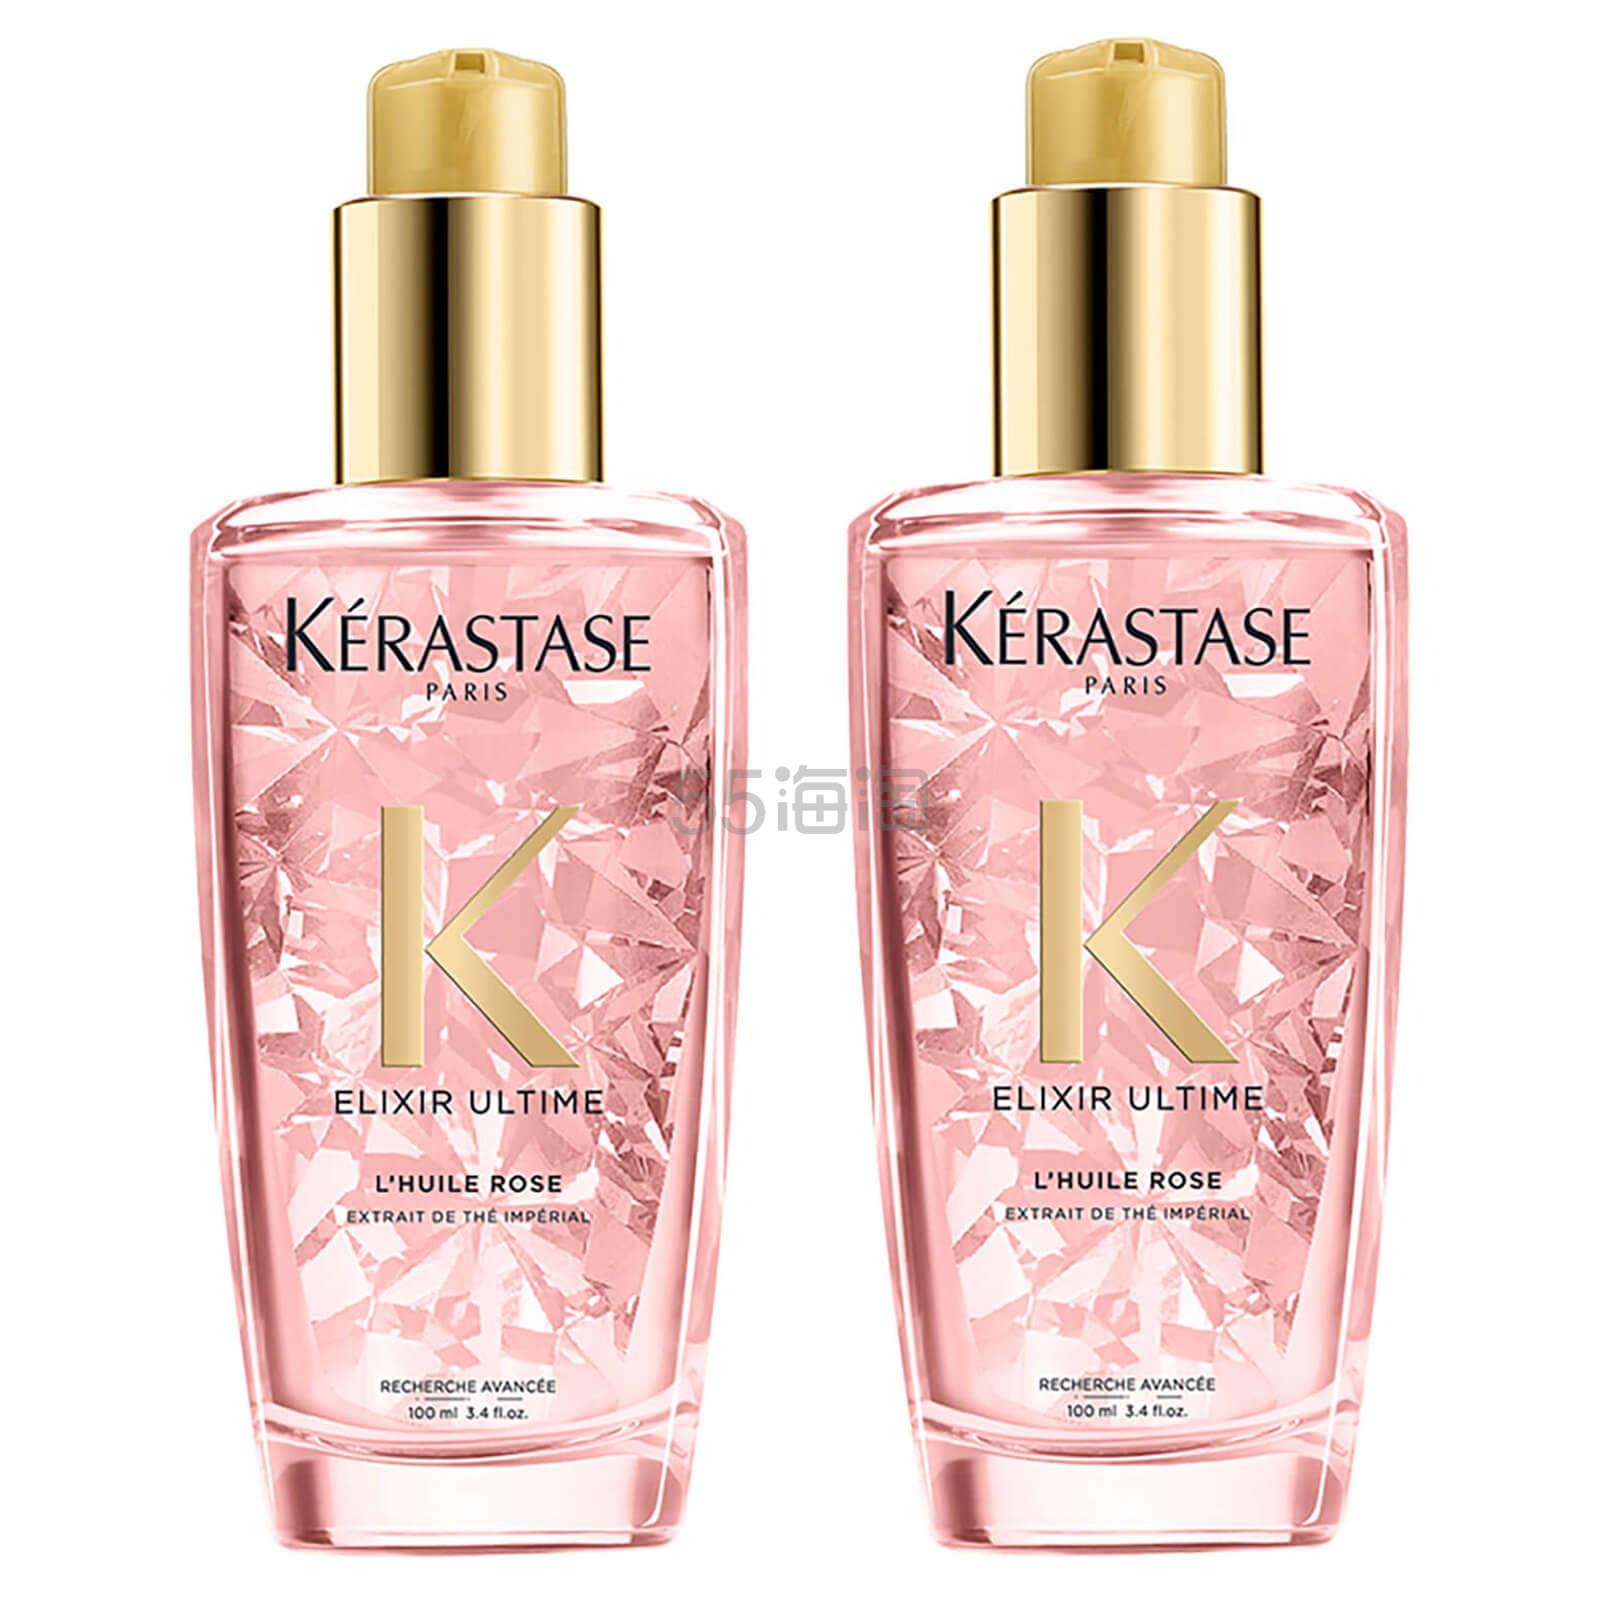 【55专享】Kérastase 卡诗 白茶玫瑰护色 护发精华油 100ml*2瓶 £52.98(约450元) - 海淘优惠海淘折扣|55海淘网